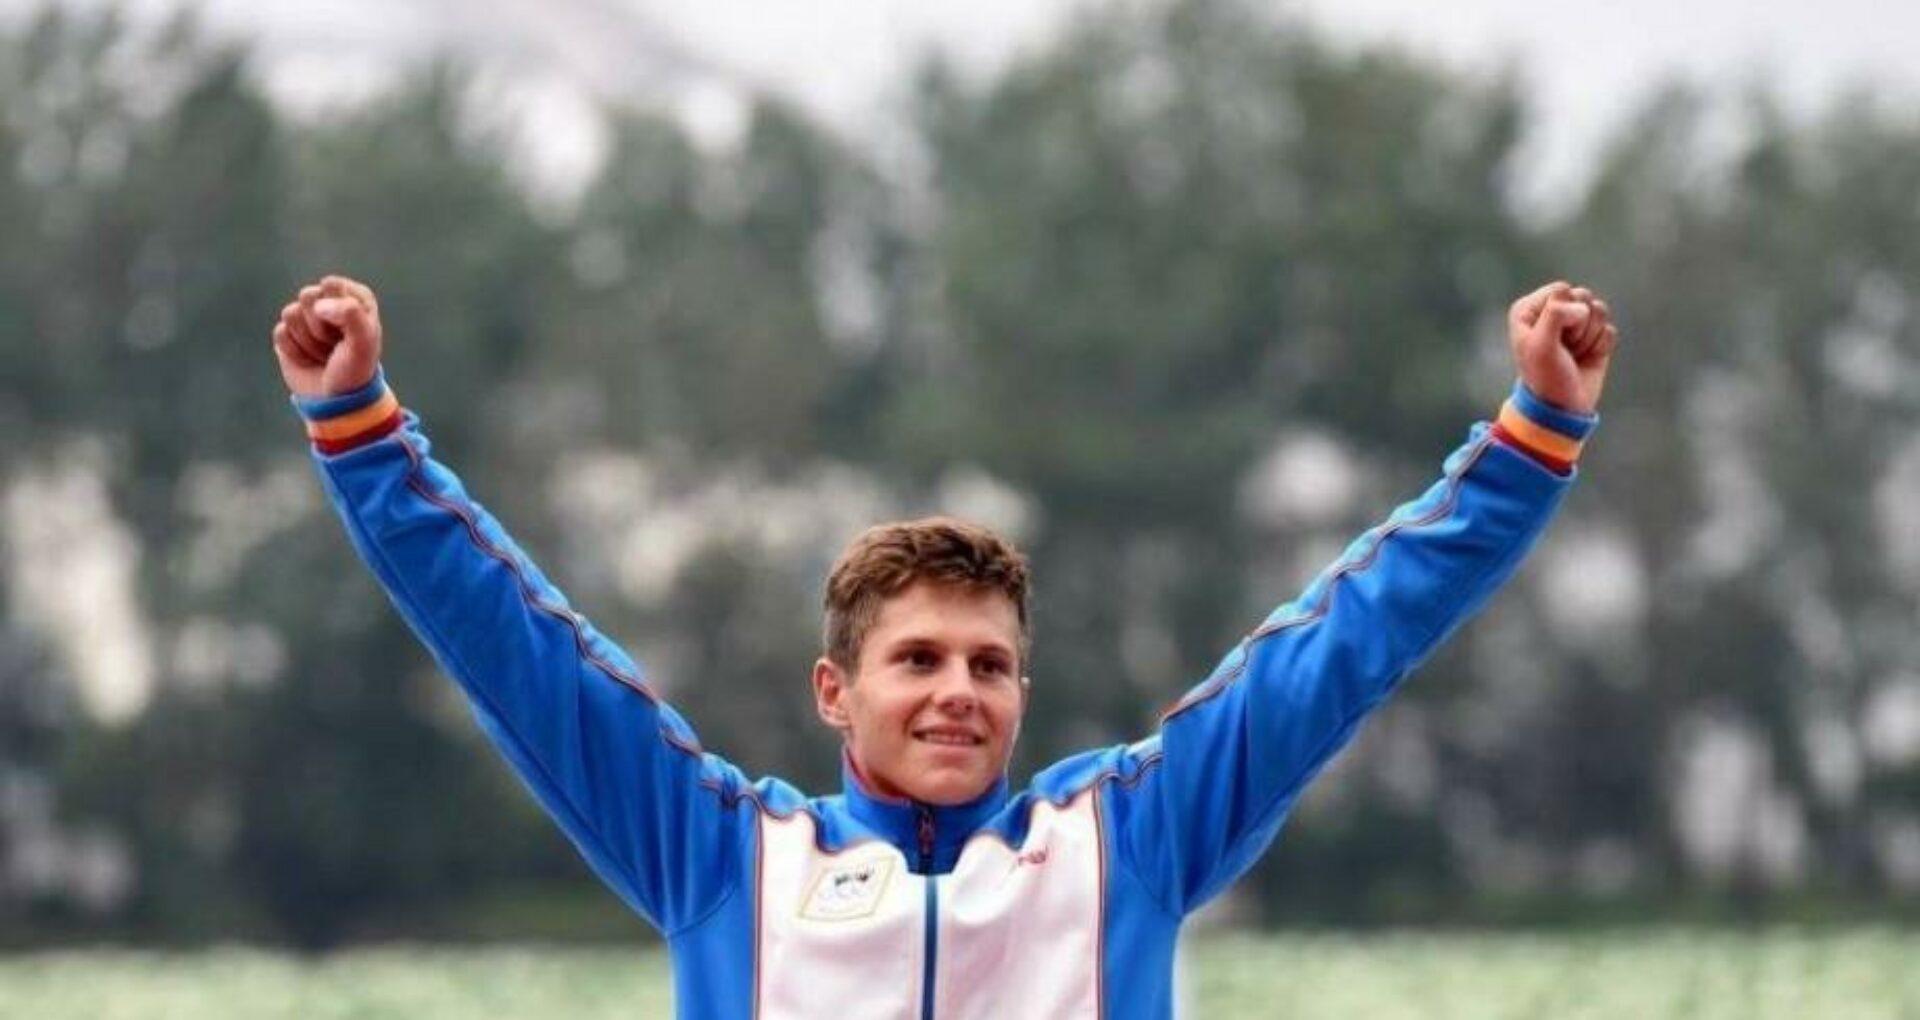 Serghei Tarnovschi a câștigat medalia de aur la Cupa Mondială de caiac-canoe de la Szeged